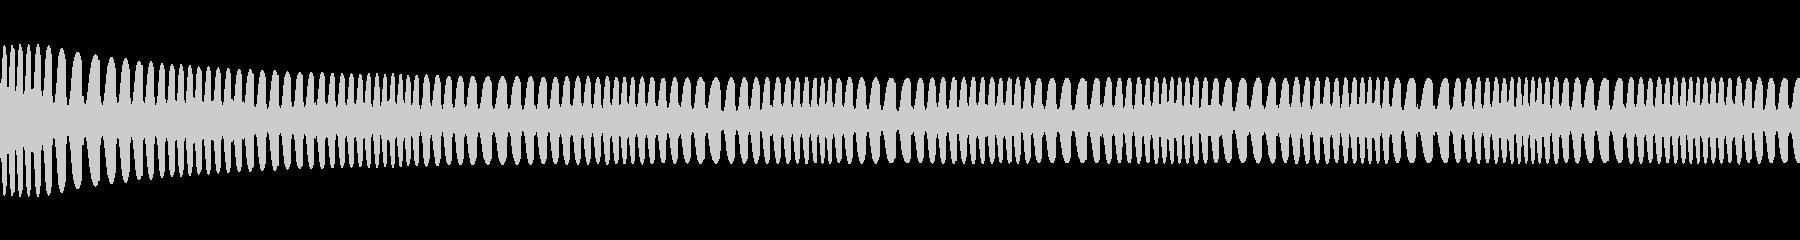 宇宙エンジン、MOOG; DIGI...の未再生の波形